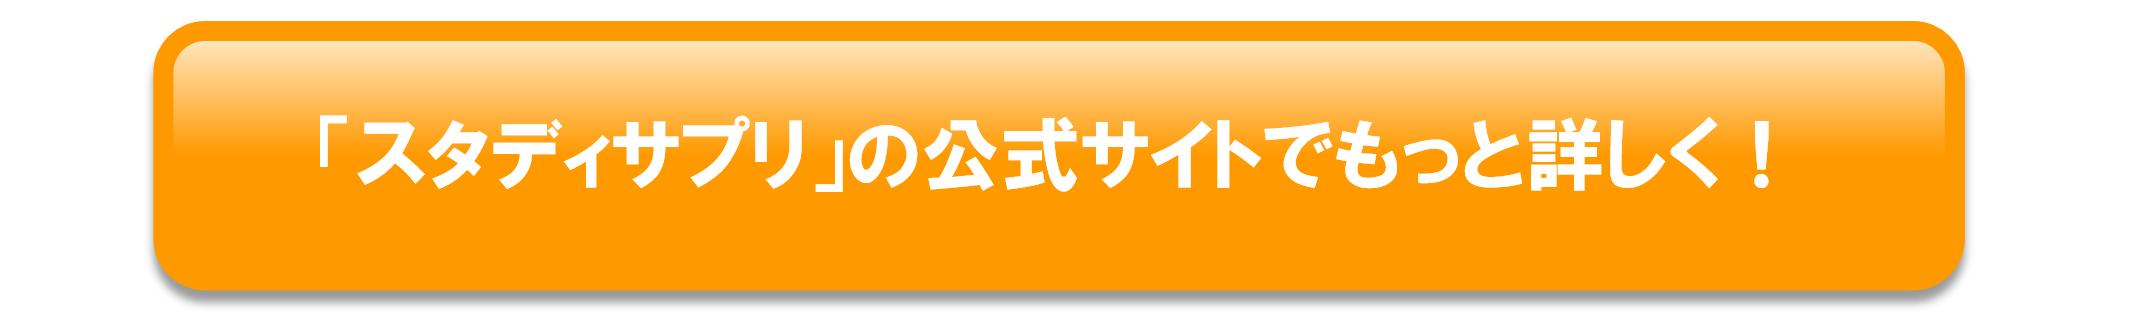 スタディサプリ公式へのリンクボタン